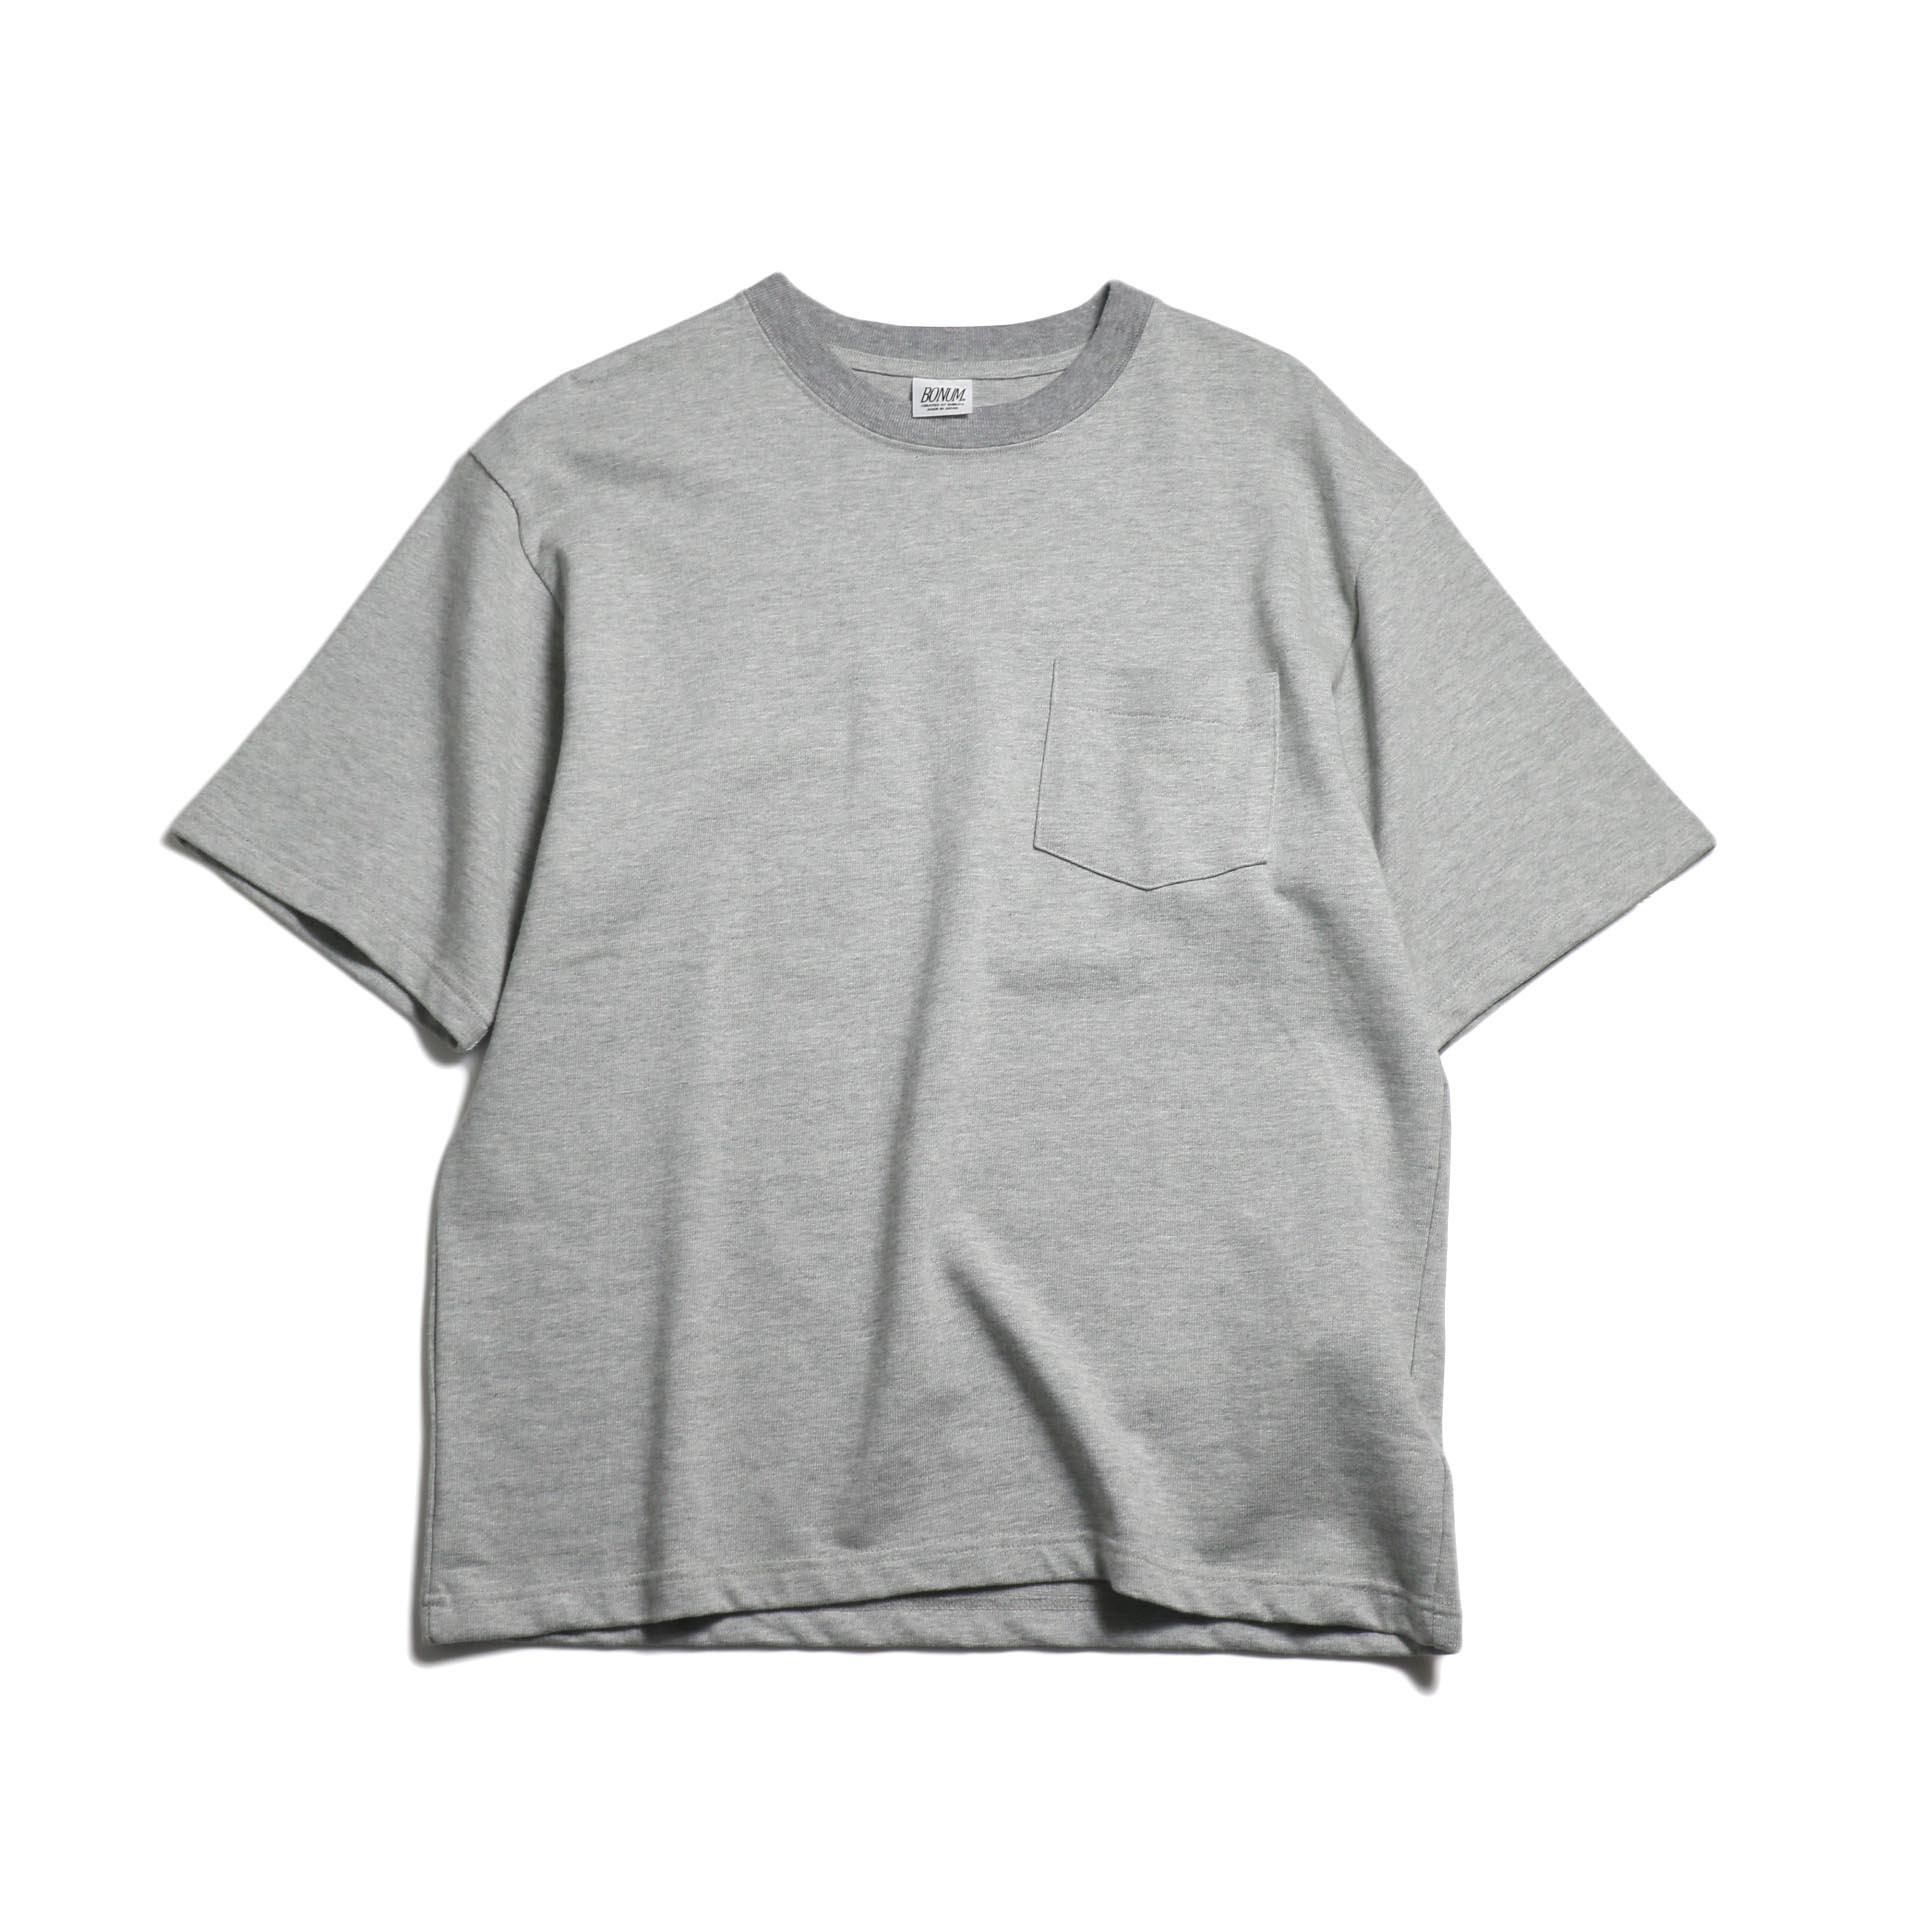 BONUM / Bonum Tee -Gray